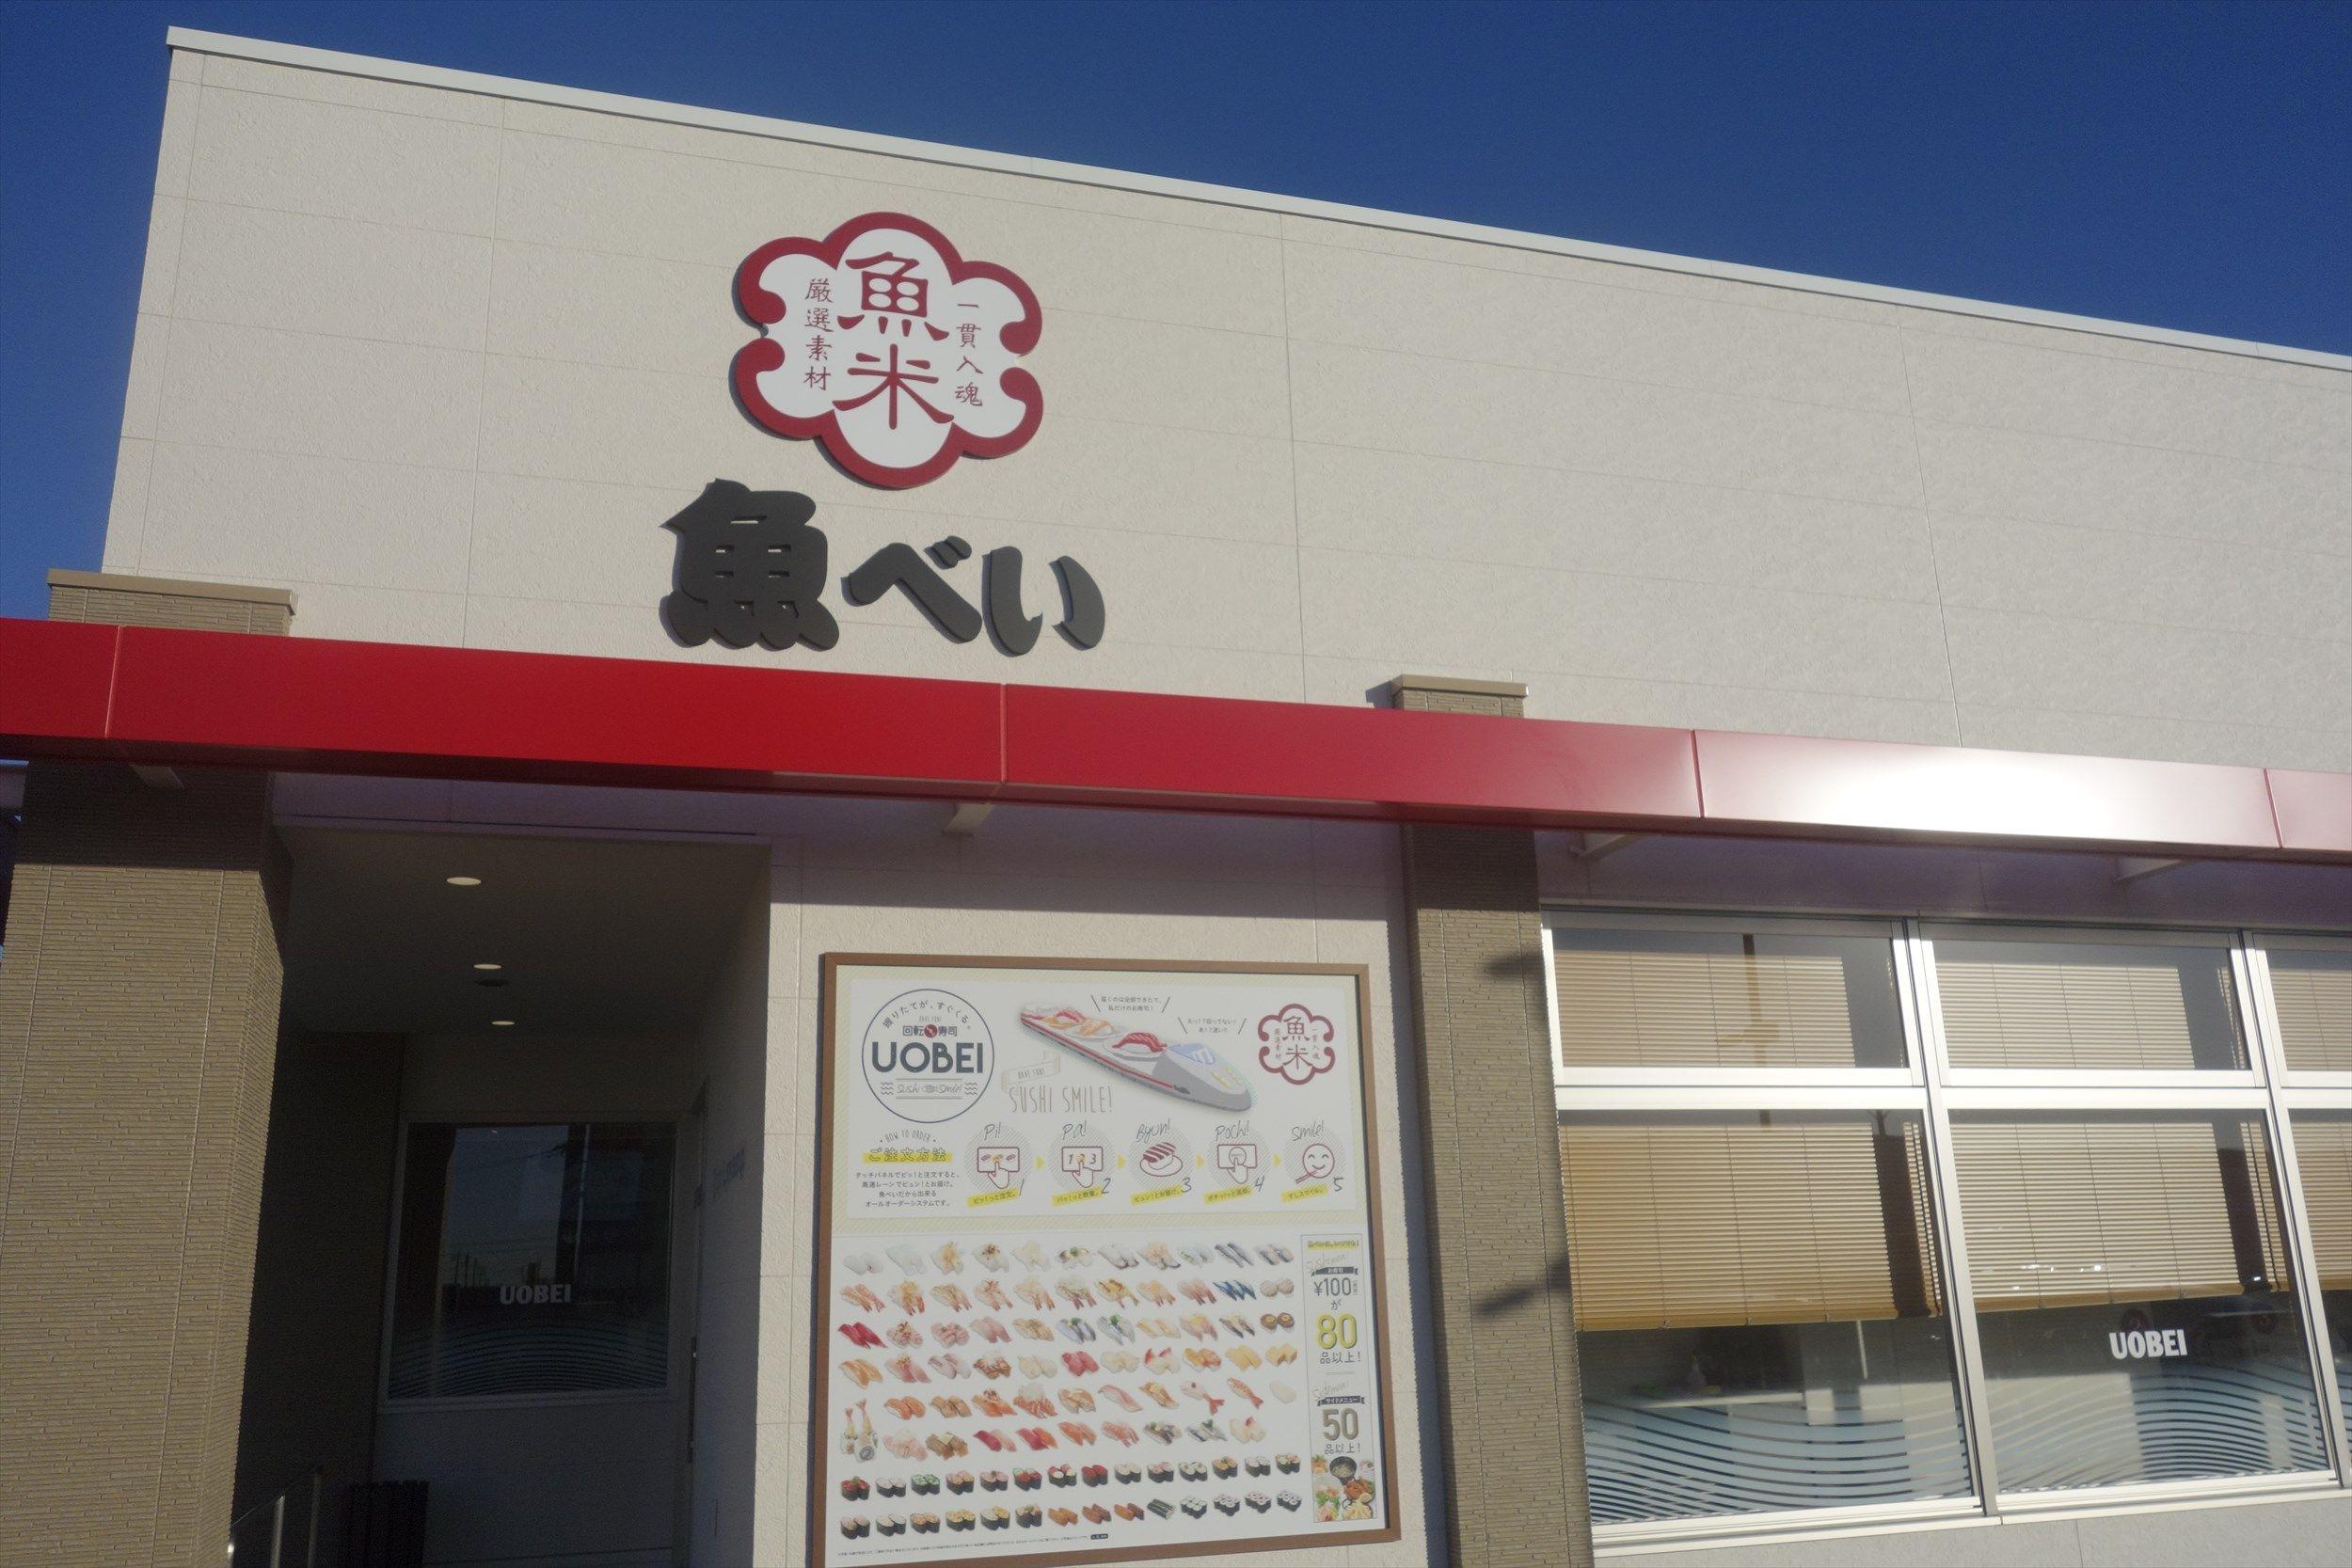 魚べい 龍ケ崎店 name=